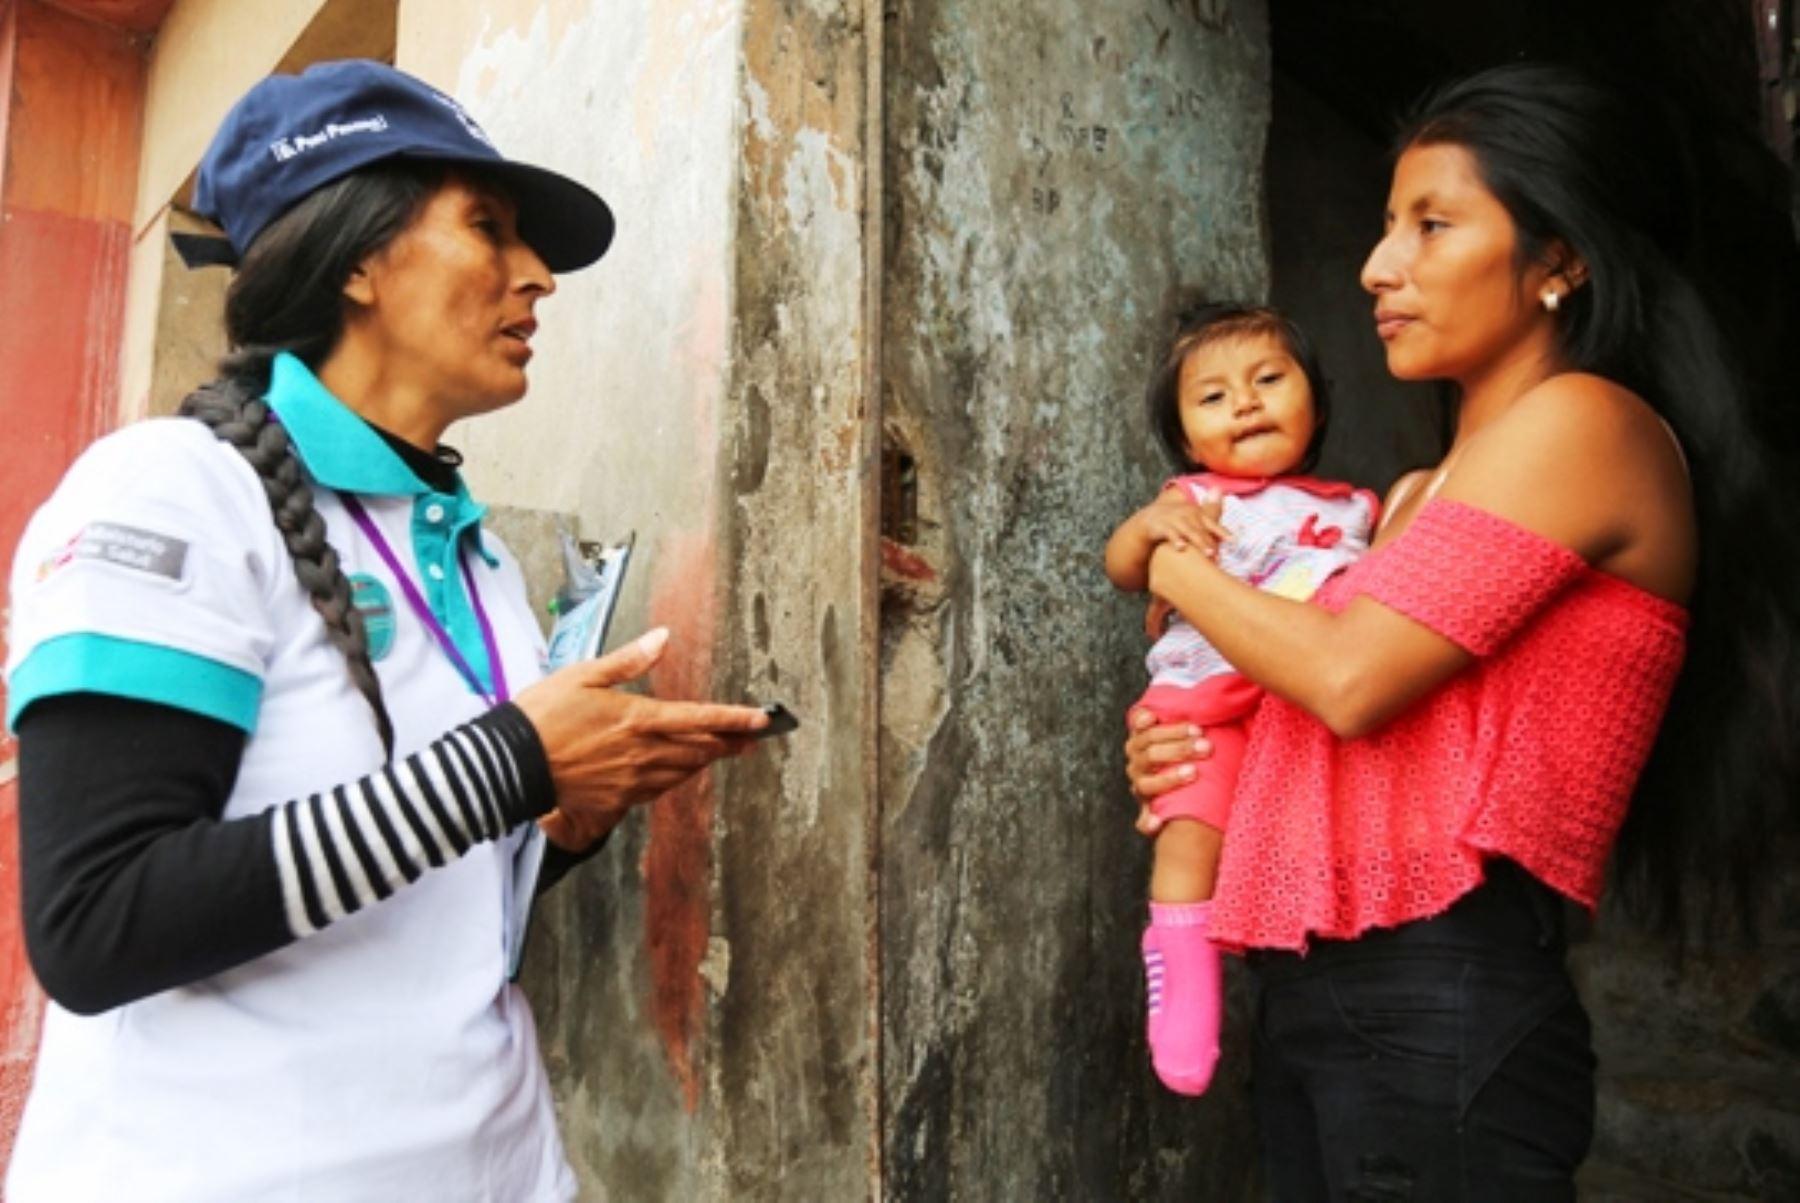 Más de 100 mil visitas a domicilio se realizaron para monitorear lucha contra anemia. Foto: ANDINA/Difusión.